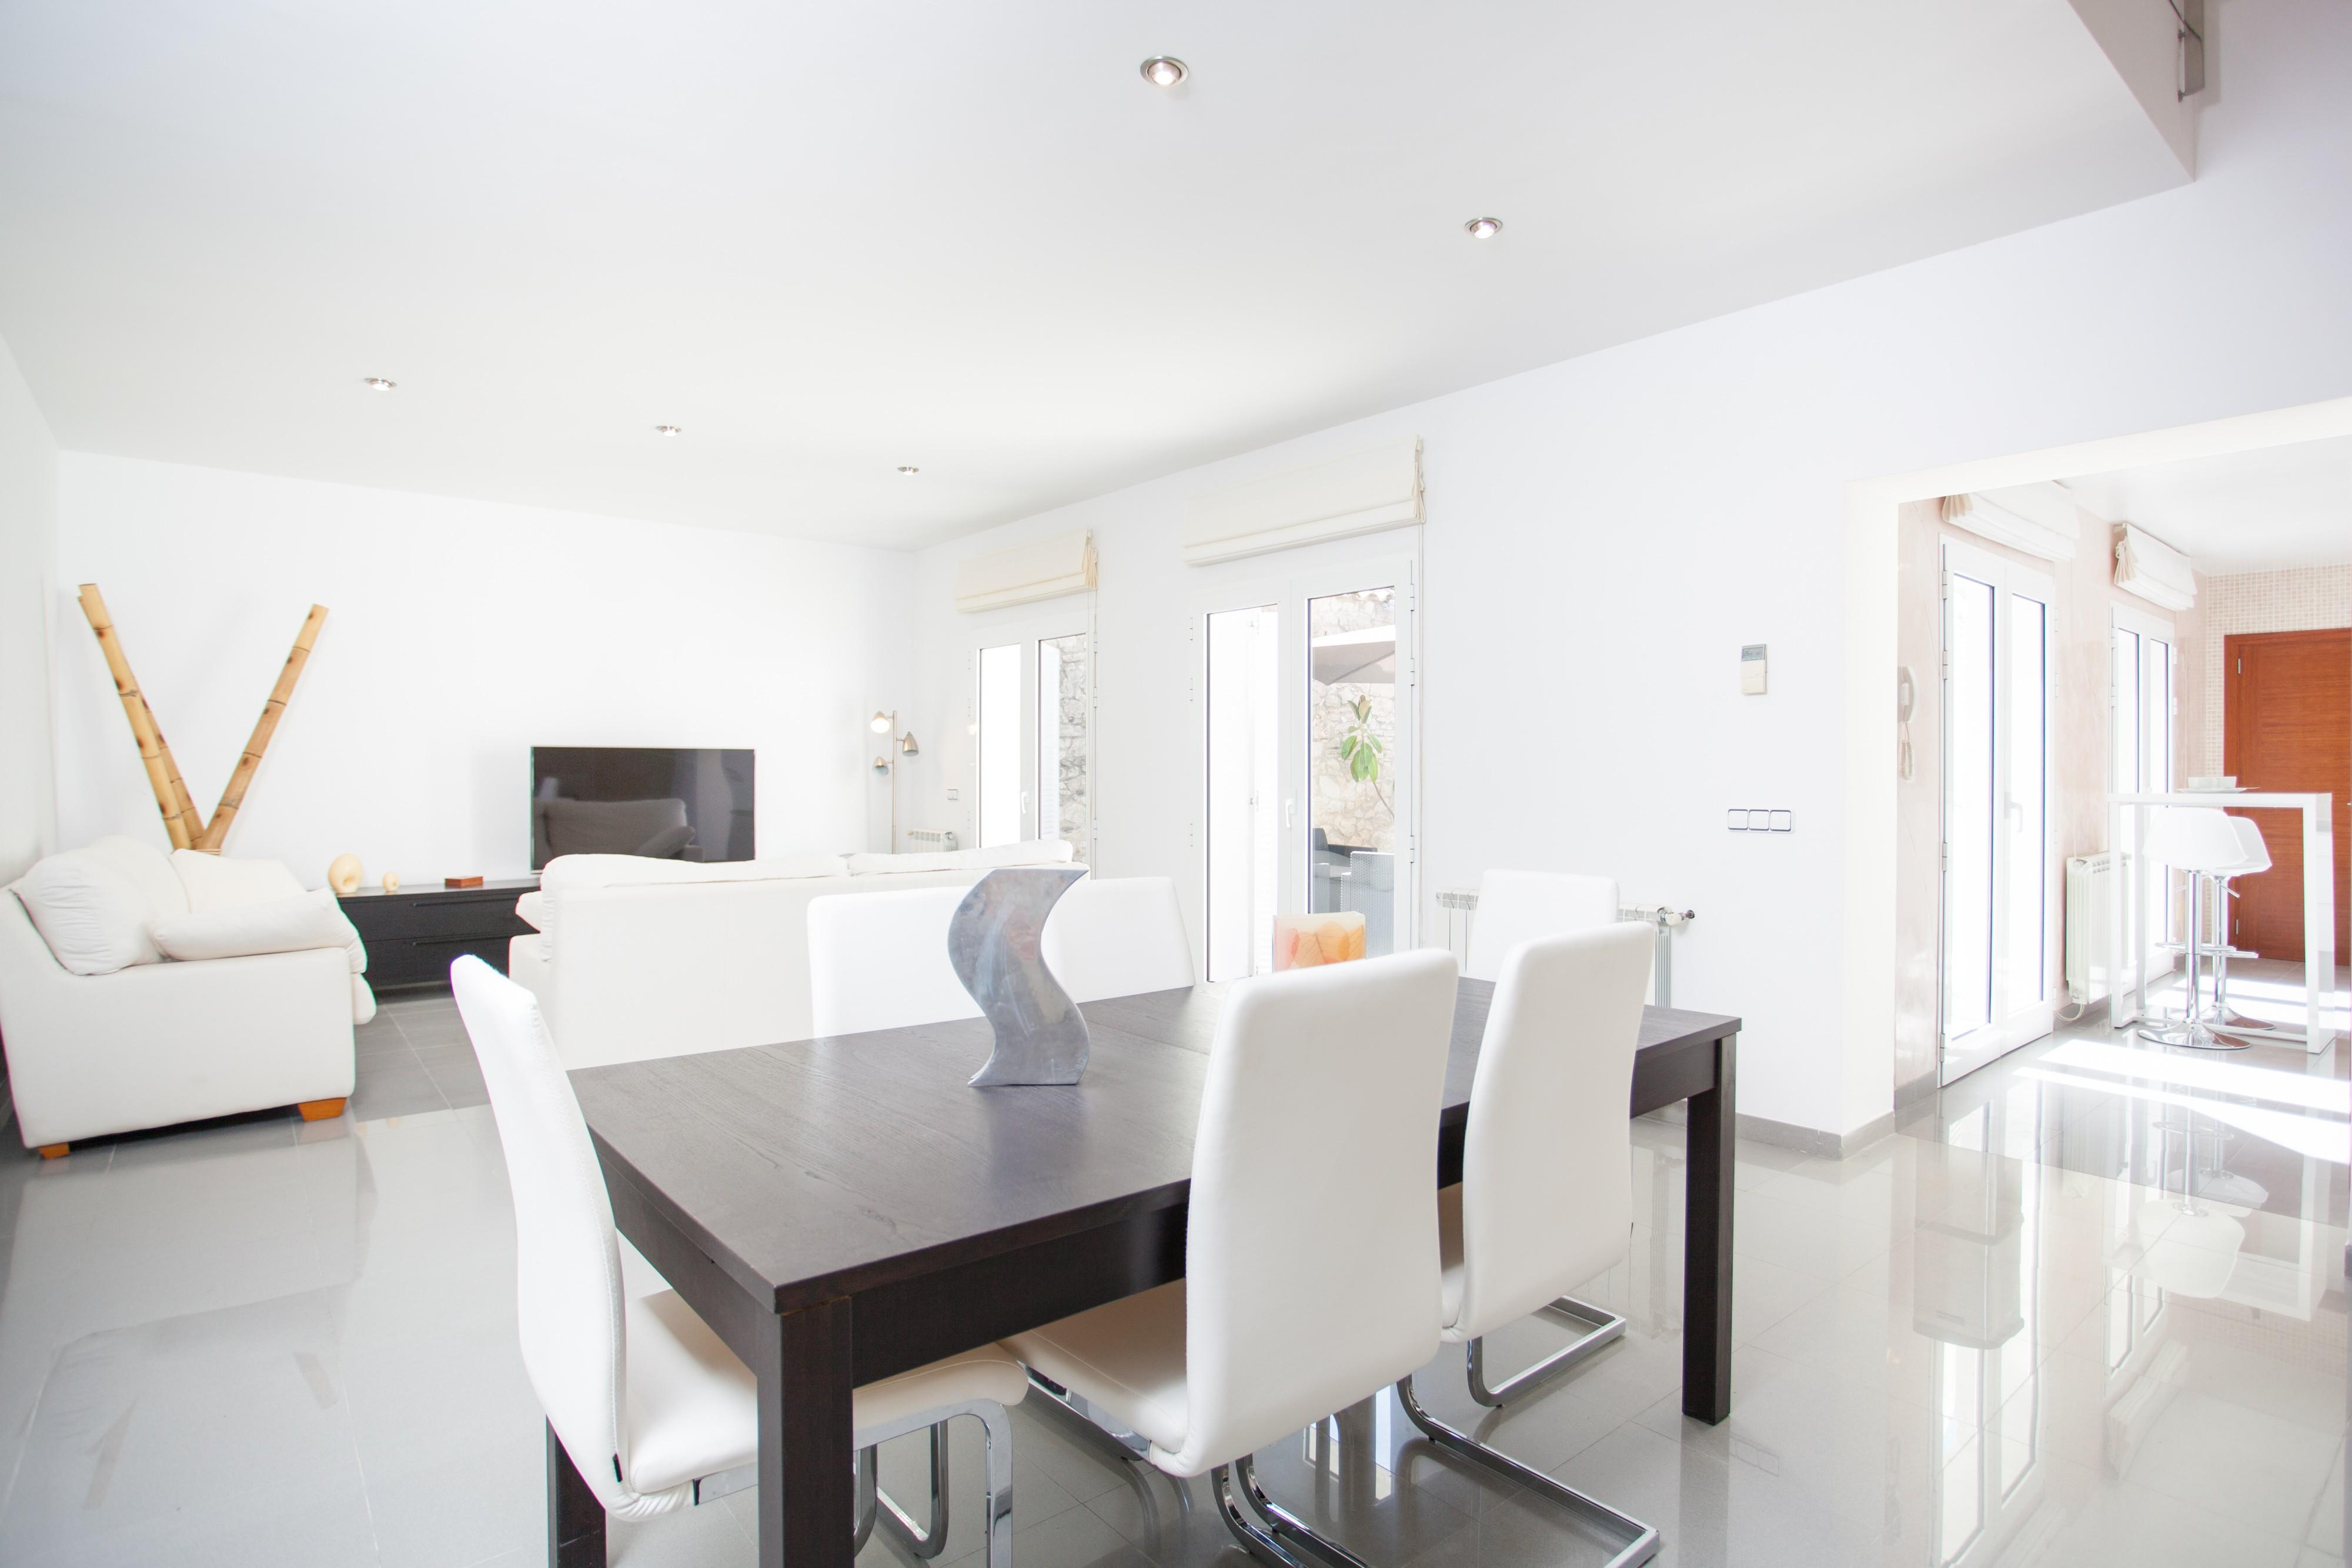 Maison de vacances CAN DOMINGO (2246405), Lloret de Vistalegre, Majorque, Iles Baléares, Espagne, image 2